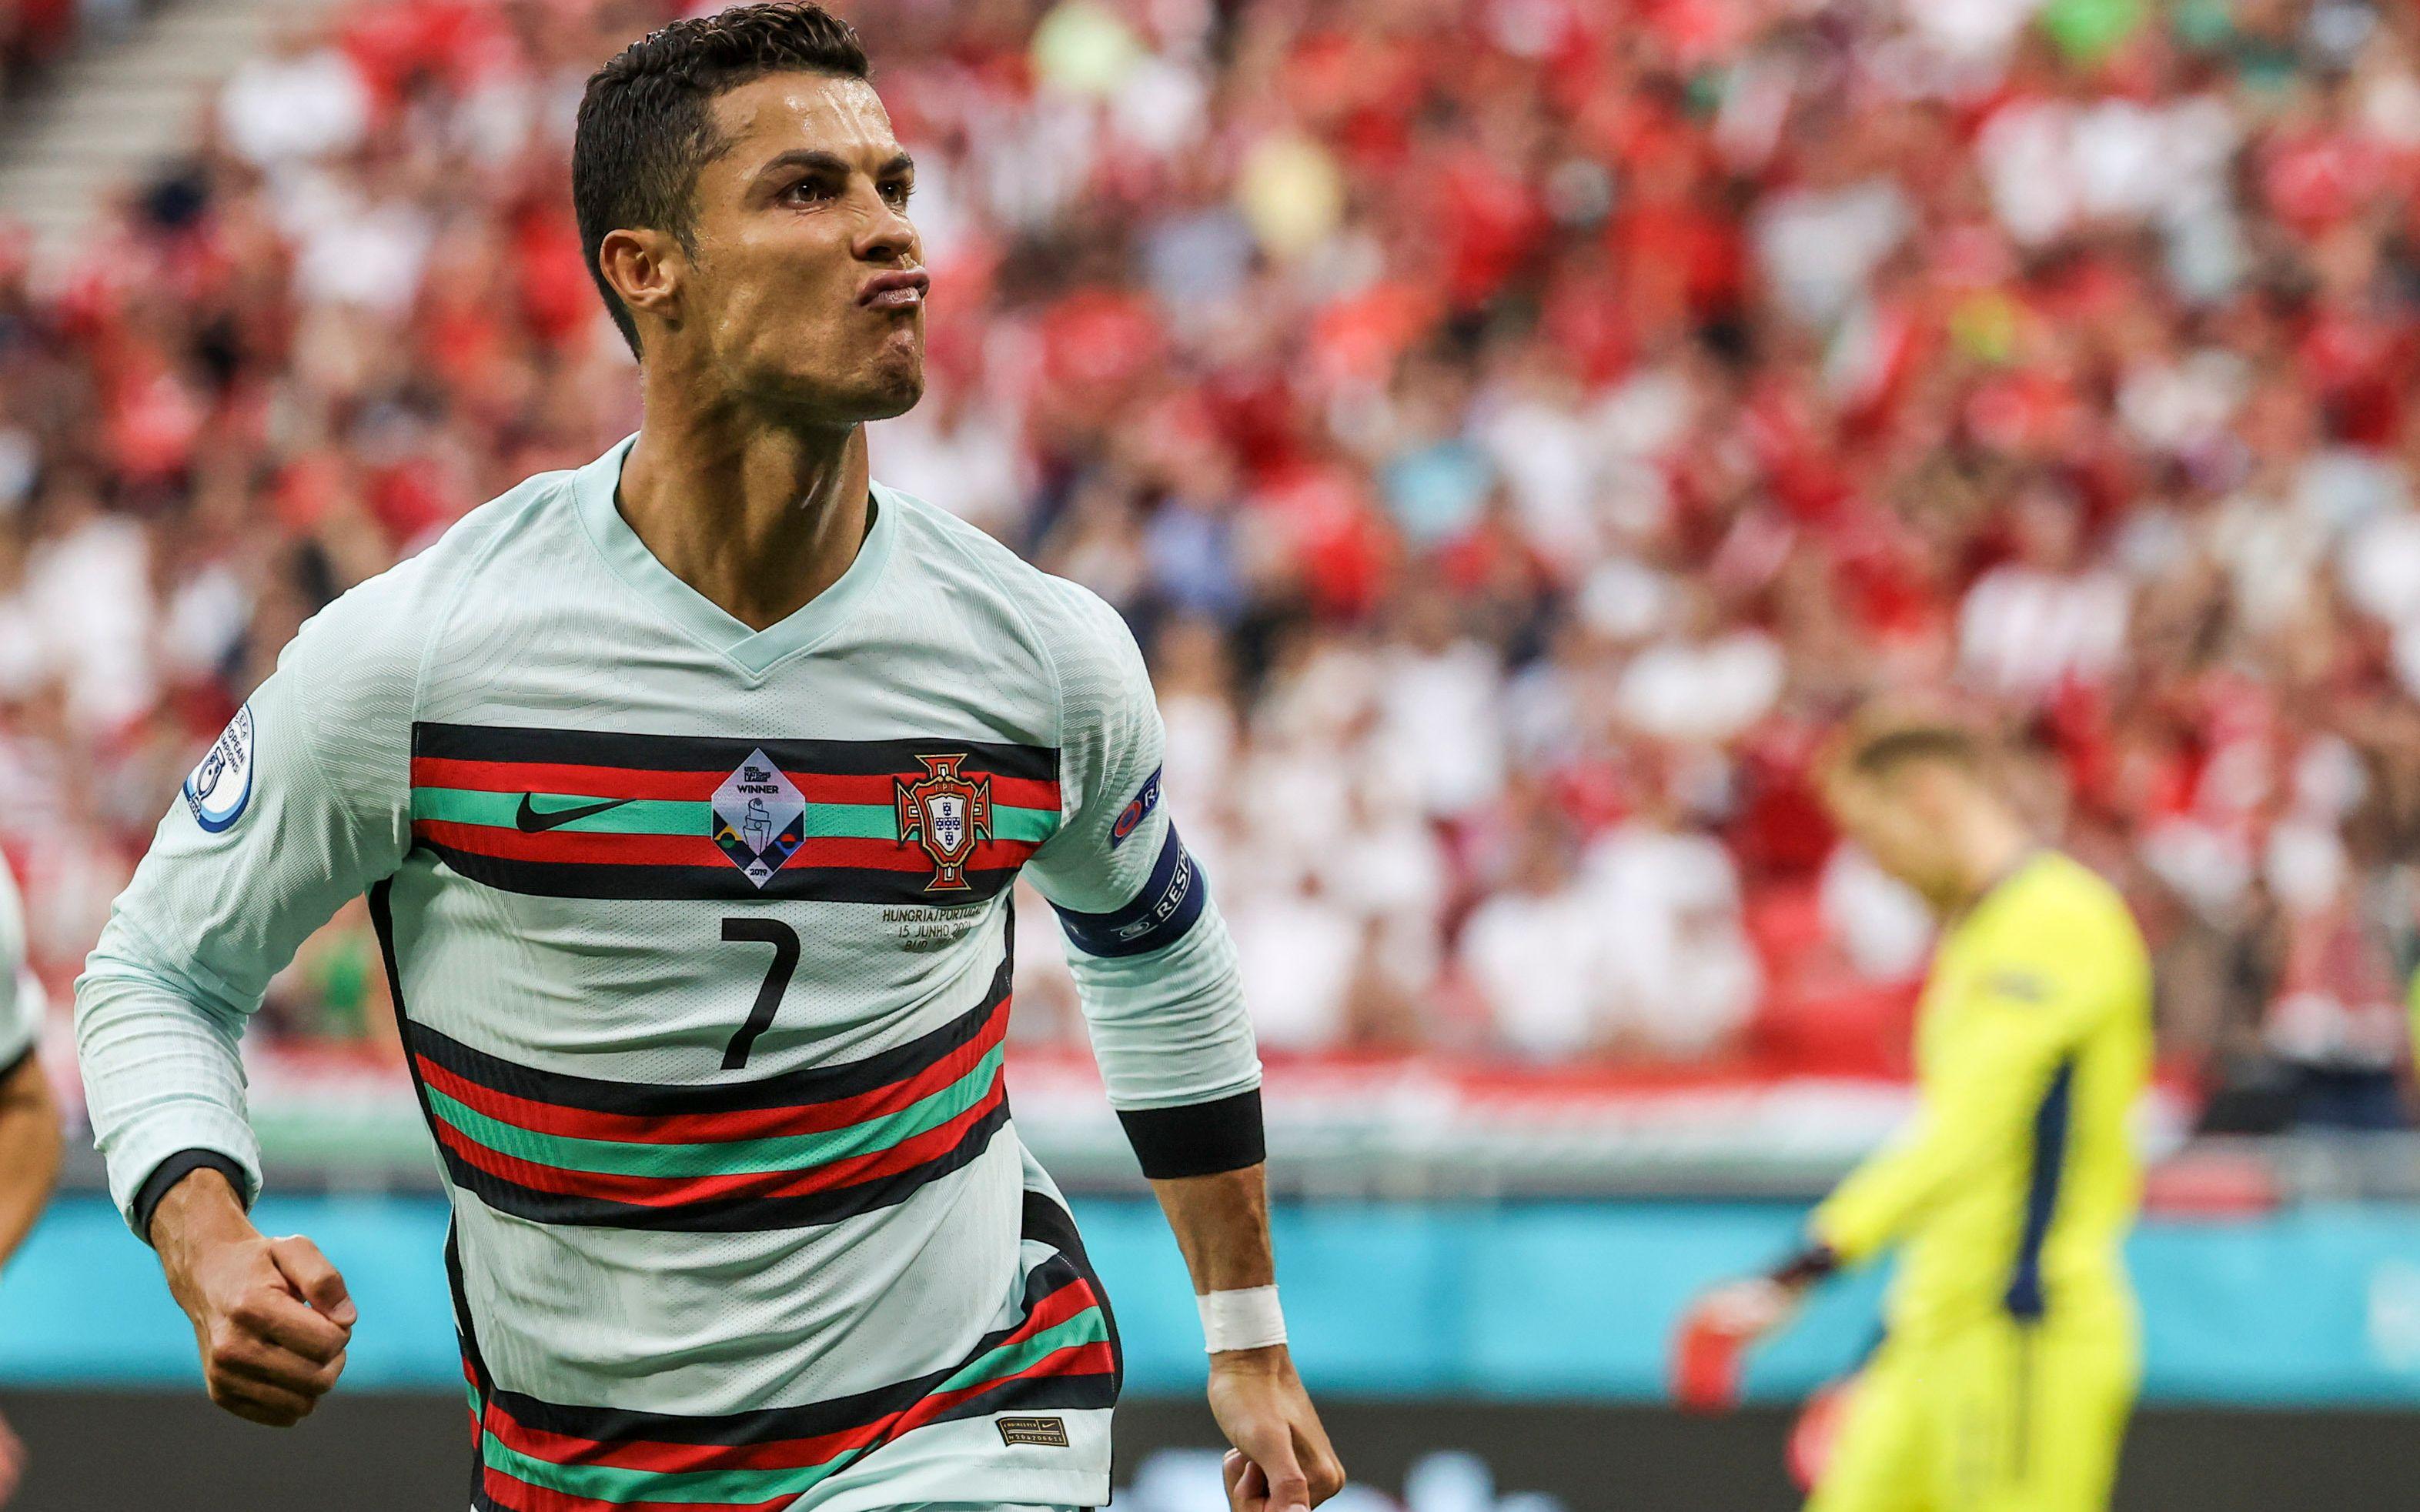 葡萄牙队员C罗庆祝进球。图/新华社